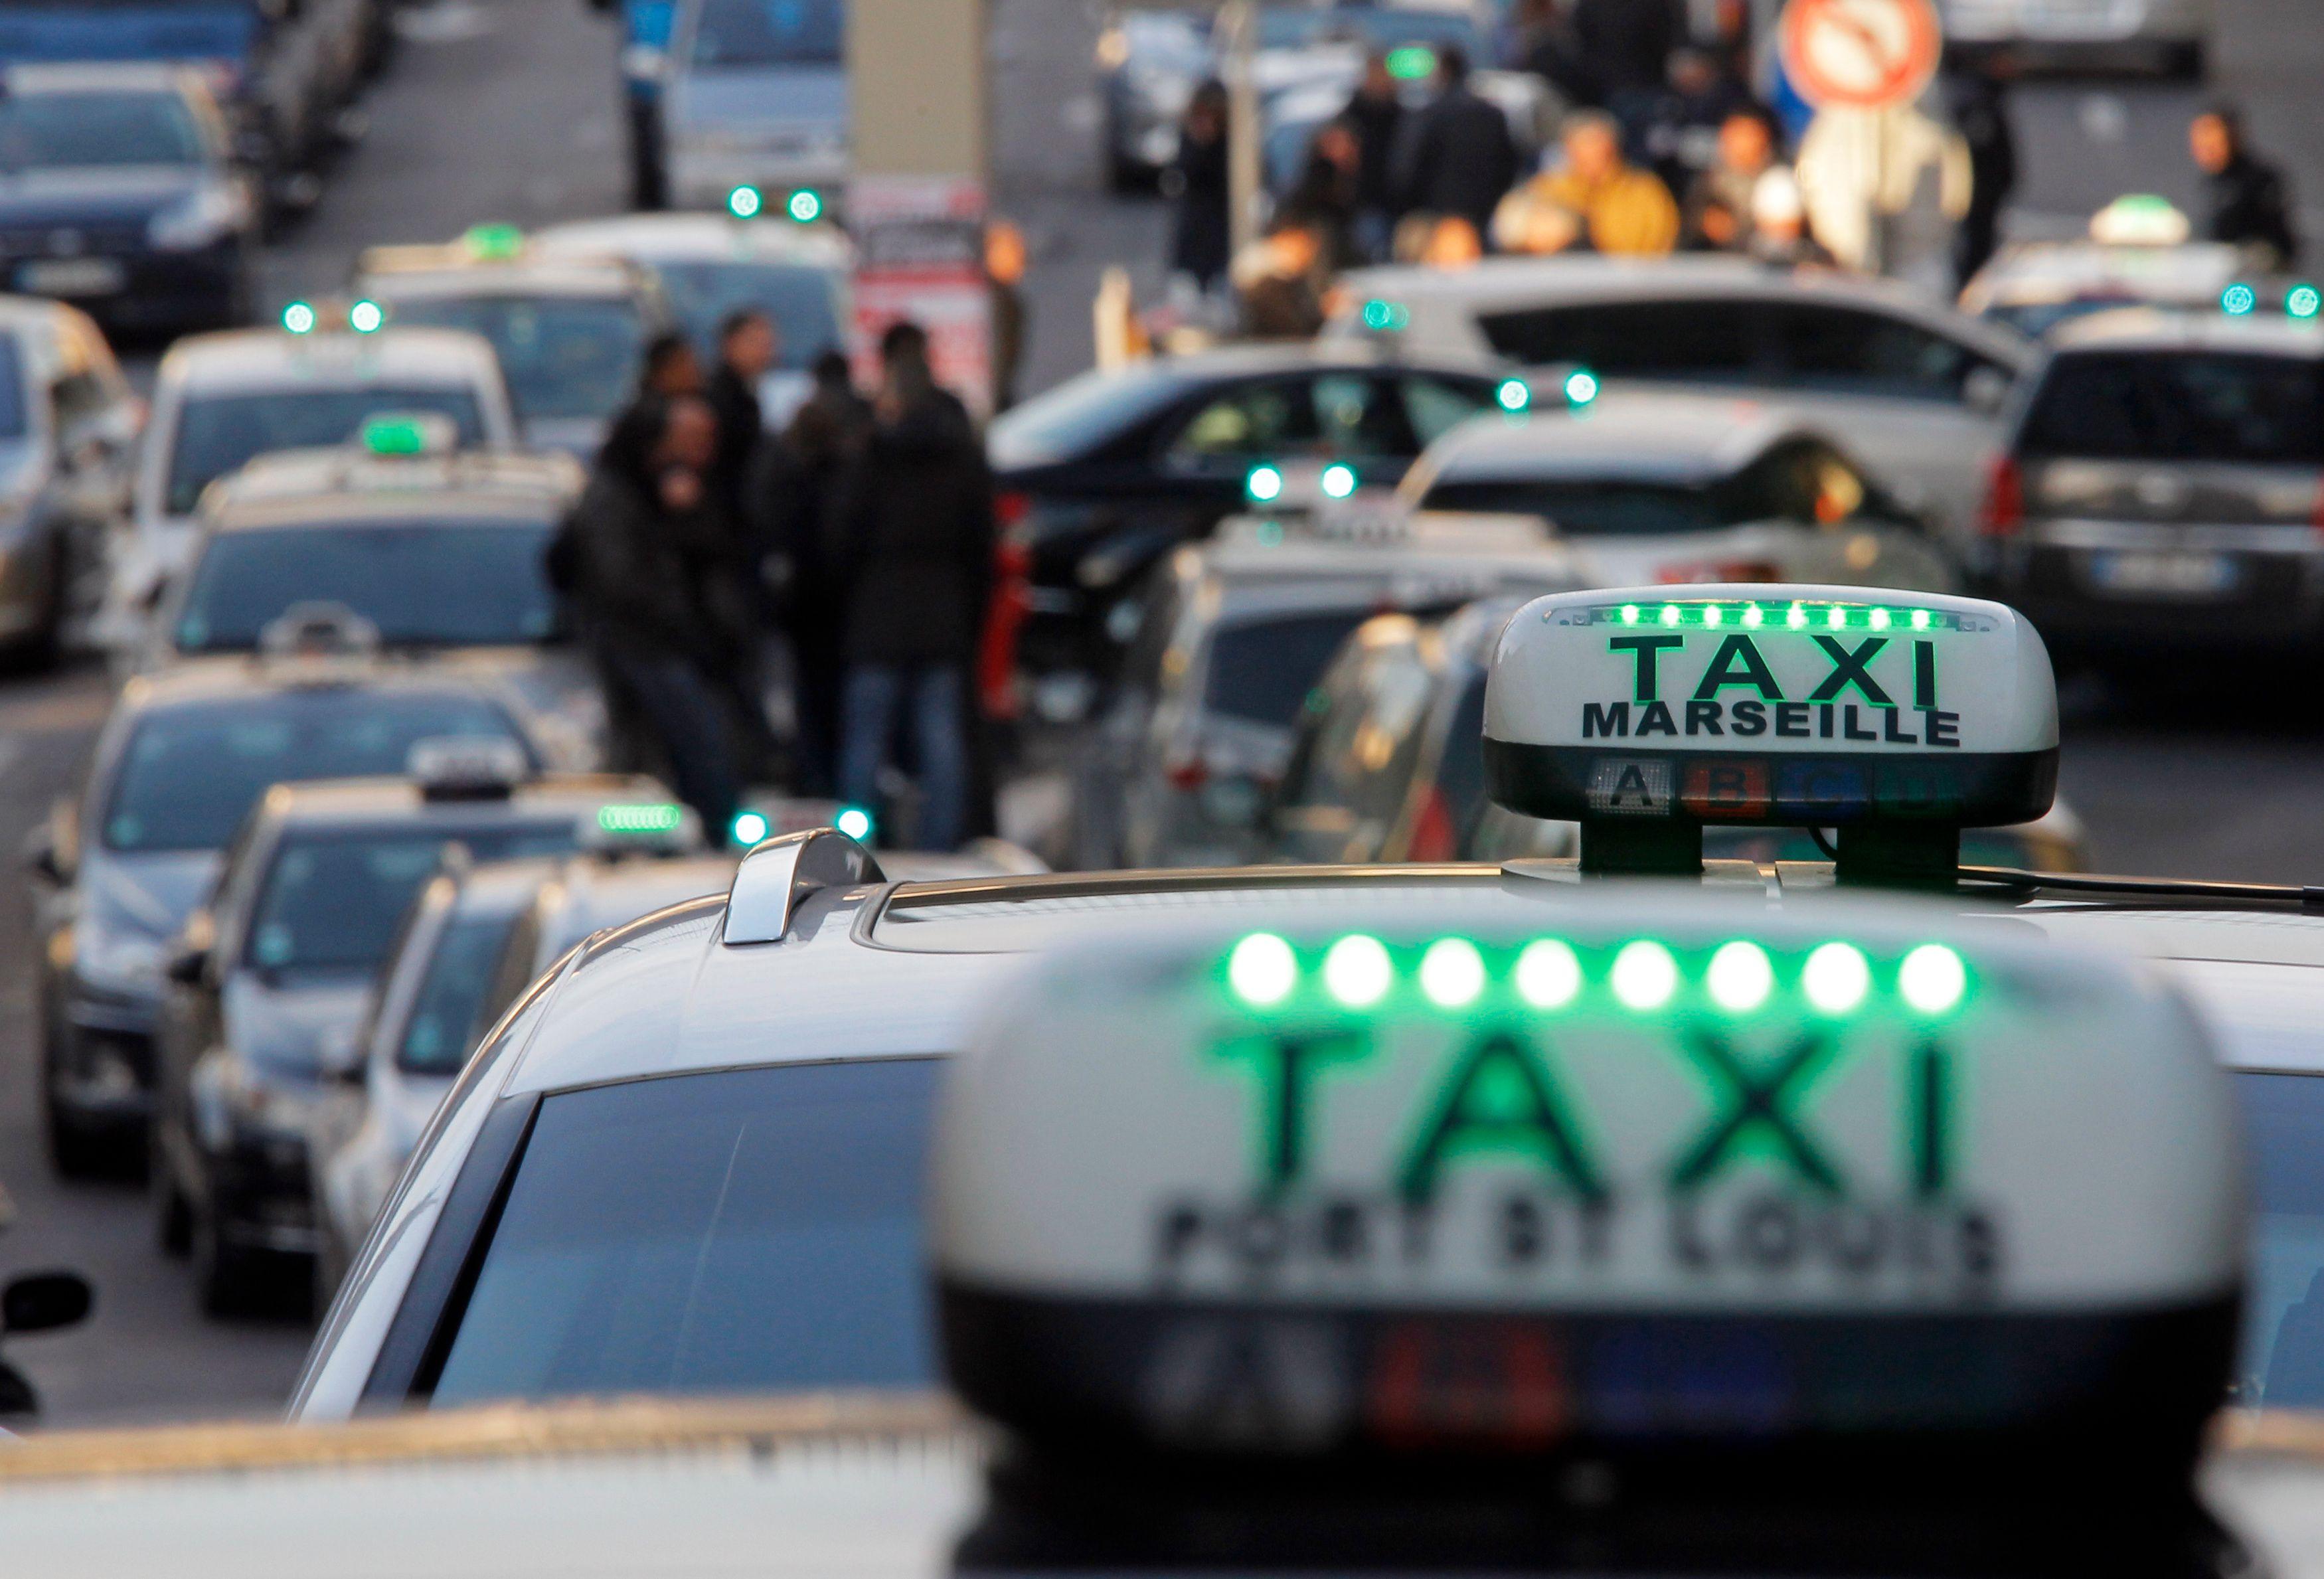 Taxis : le gouvernement suspend les immatriculations des VTC, l'appel à la grève levé